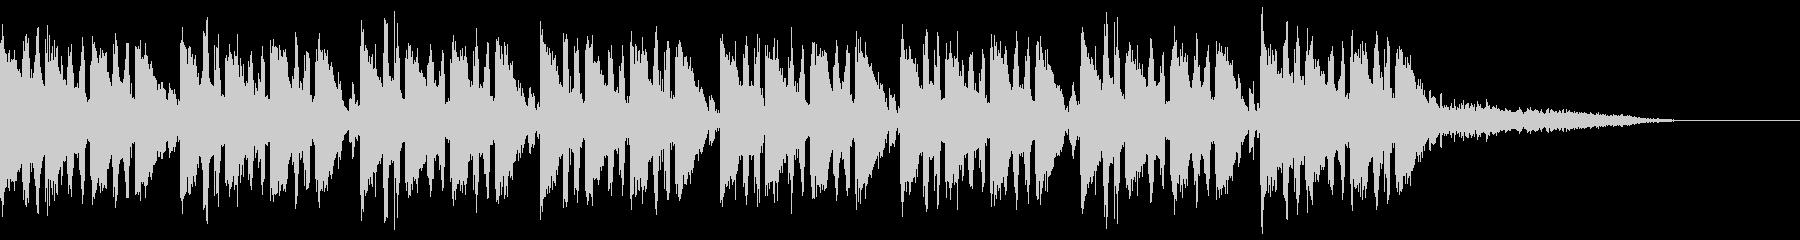 エレクトロ風のジングルの未再生の波形